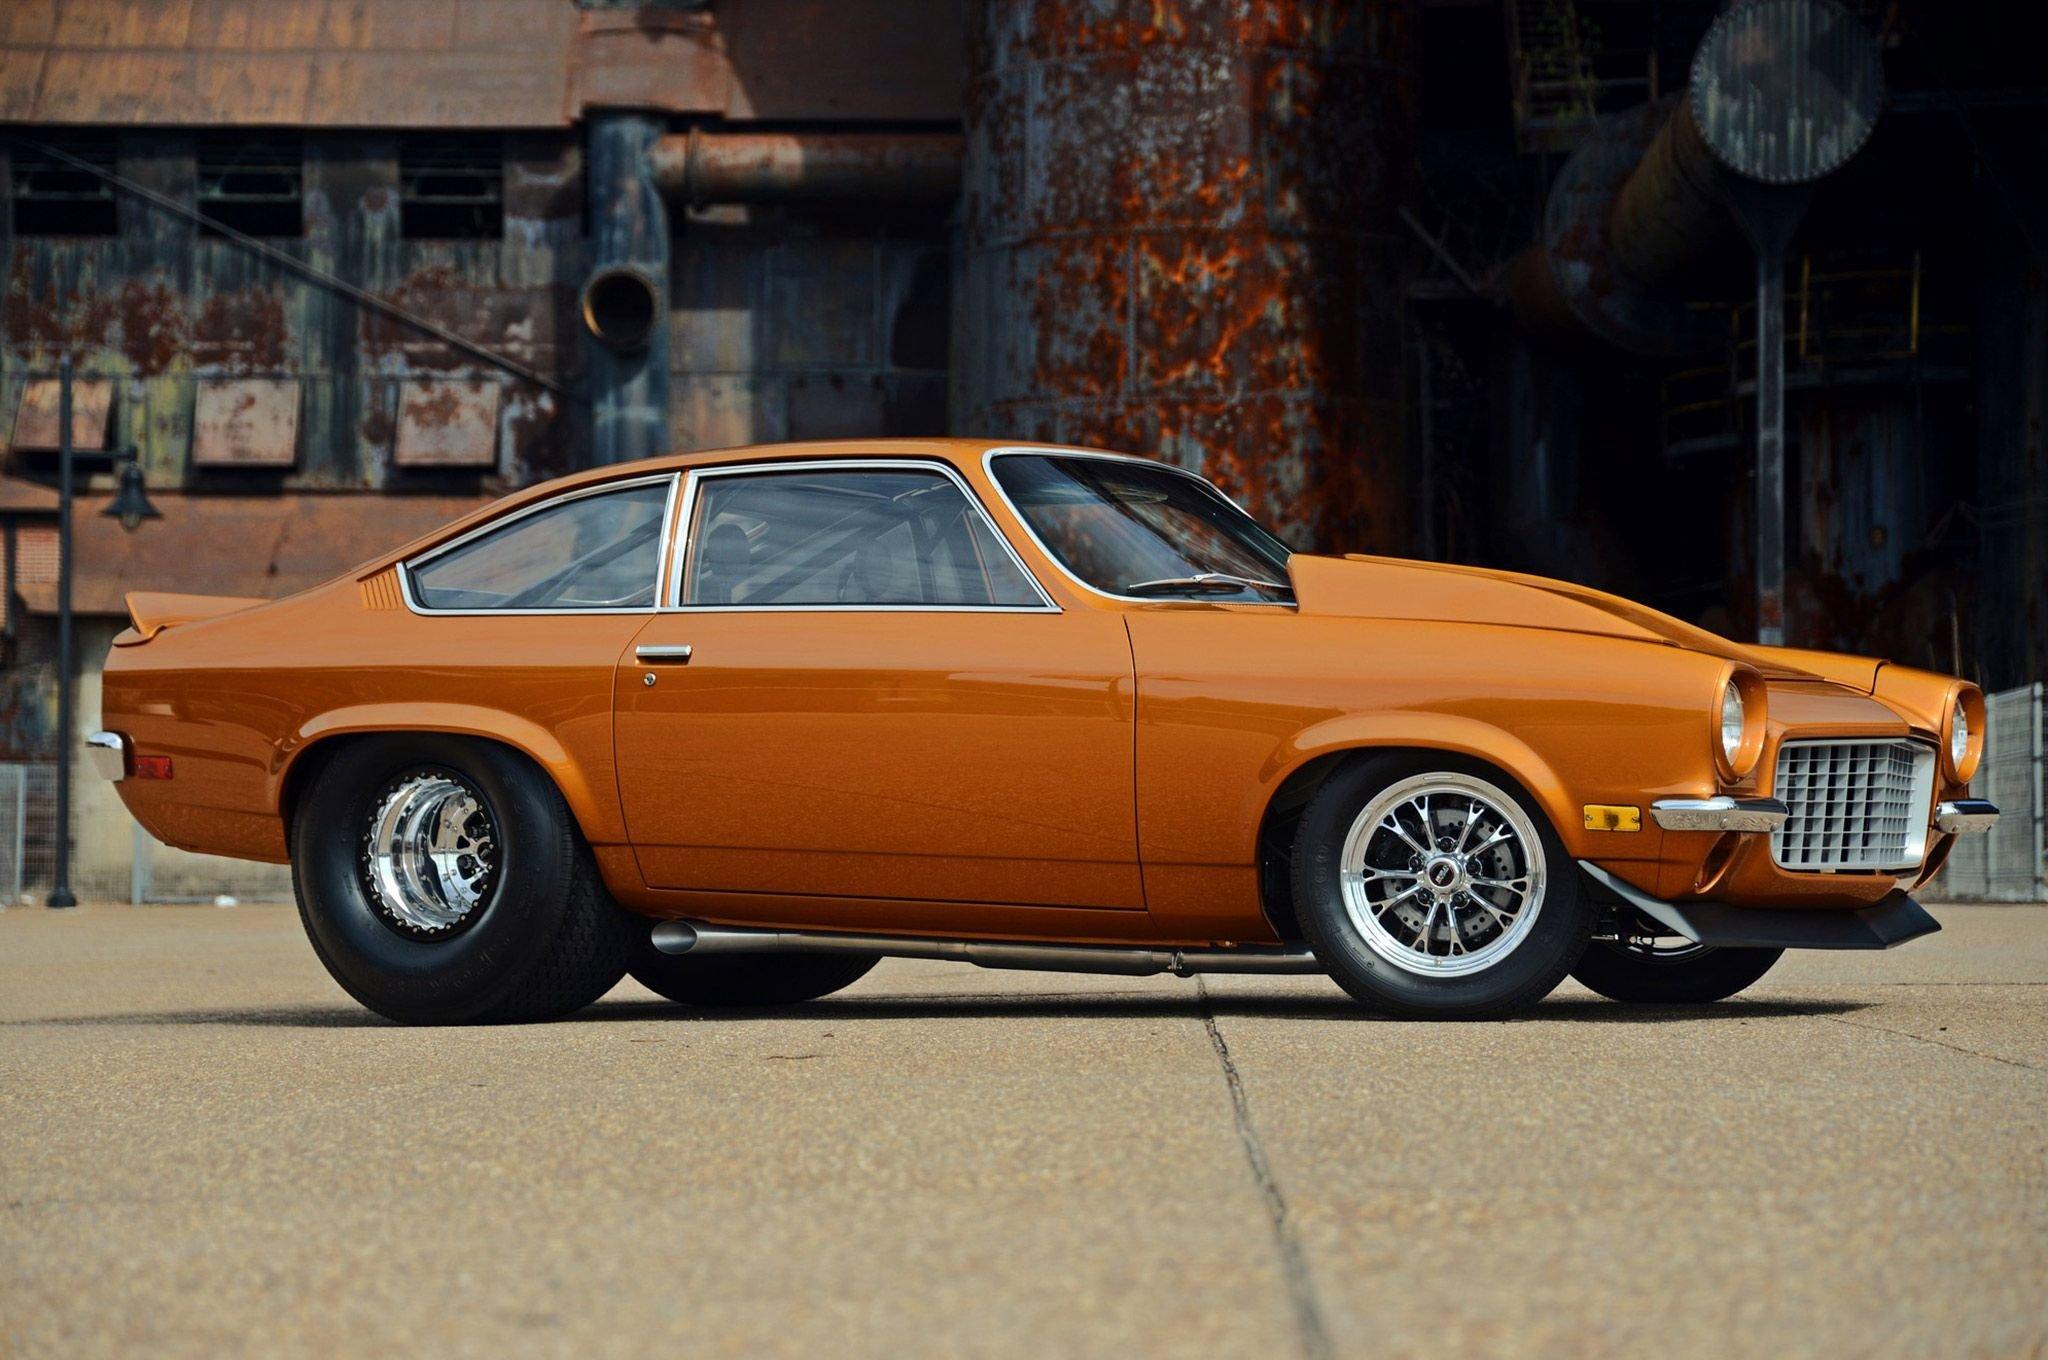 1971 Chevrolet Vega Fusion Bomb Pro Street Drag Race USA -01 ...